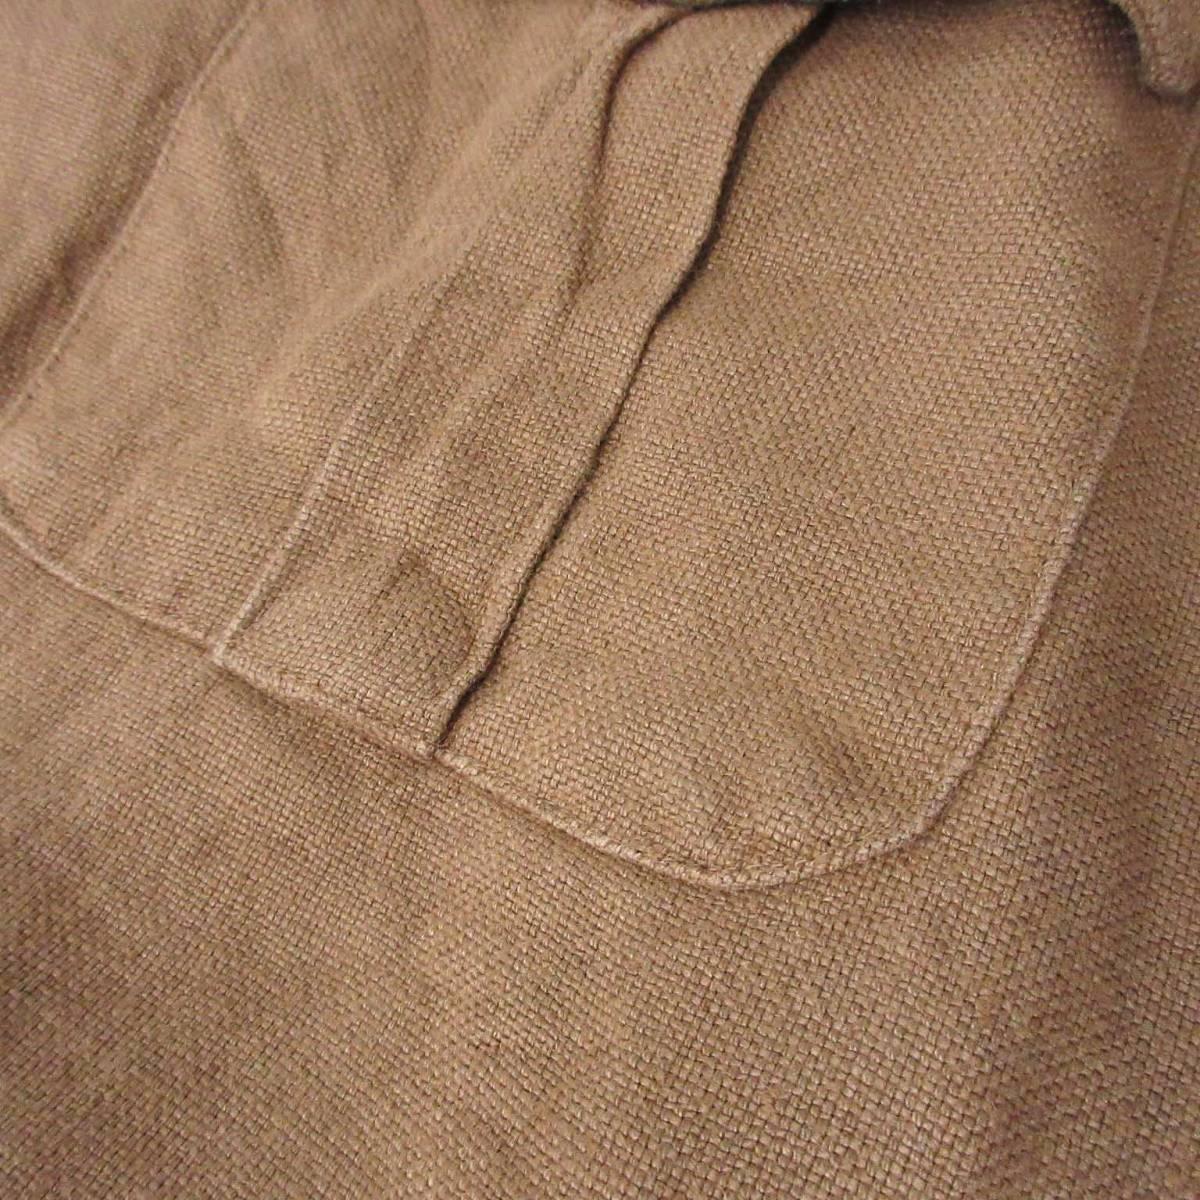 Polo by Ralph Lauren ポロバイラルフローレン ジャケット リネン 麻 100% ベルト ブラウン 茶 XL_画像7